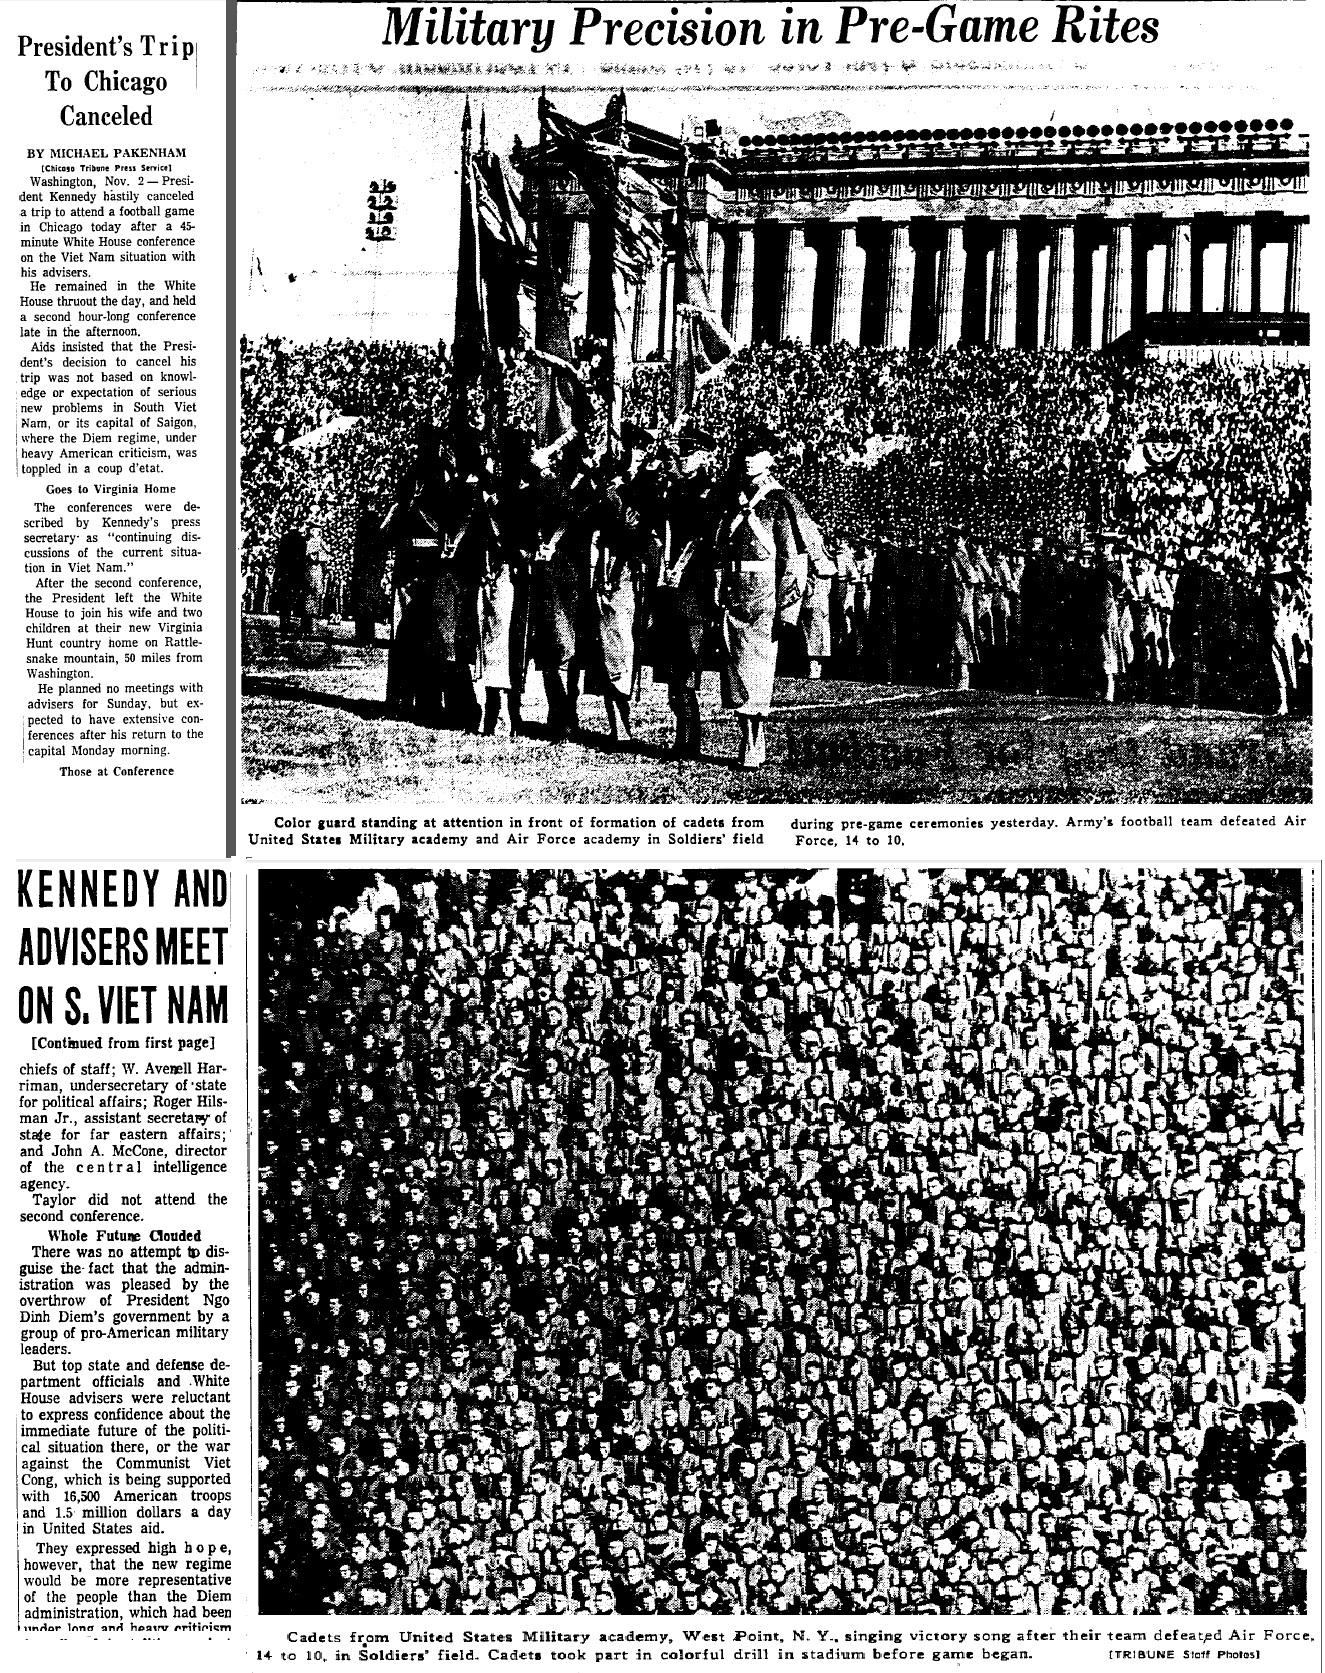 armyfb_1963_vsaf-corps_chicagotribune_nov31963